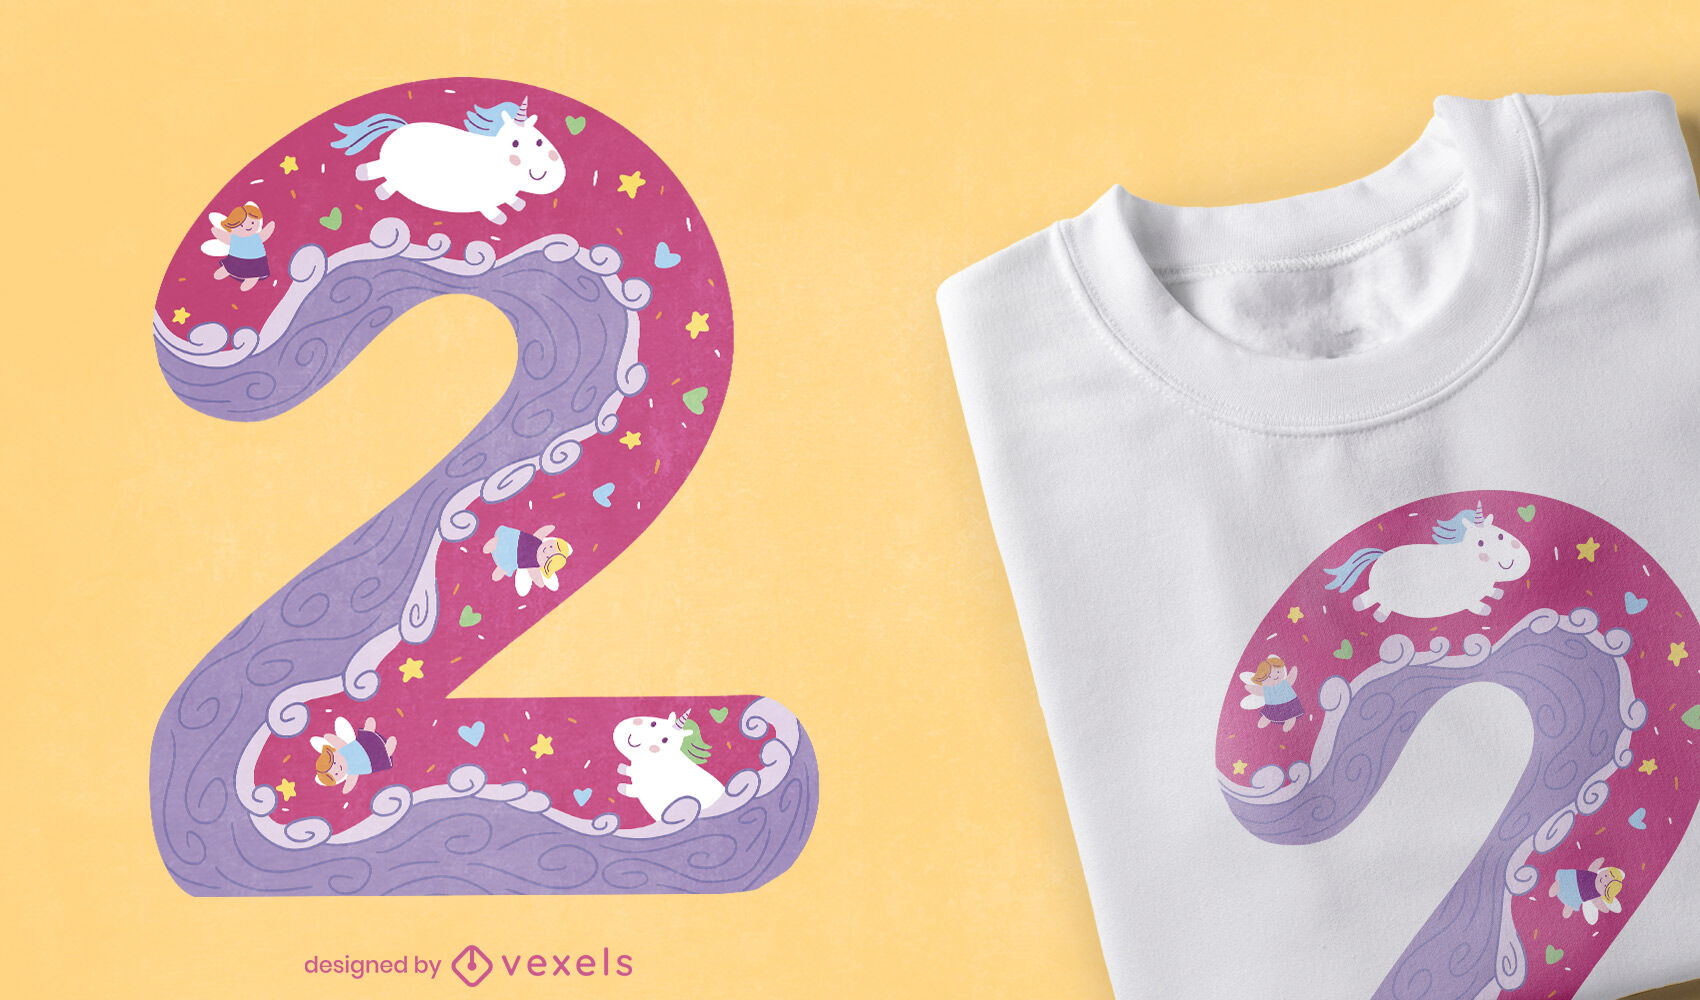 Dise?o de camiseta femenina n?mero dos.